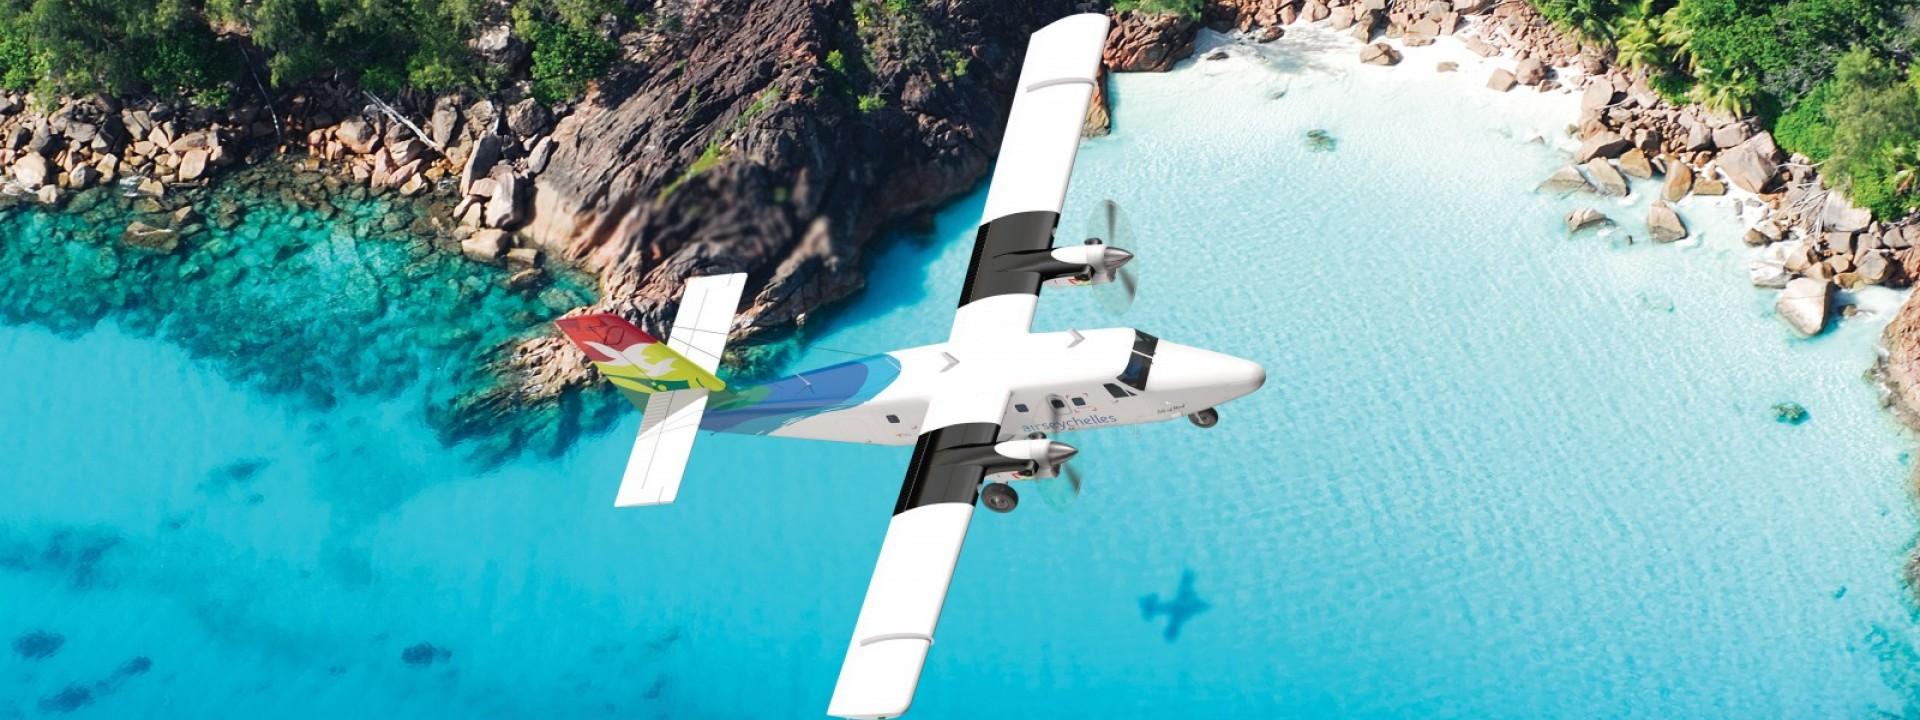 Air Seychelles Domestic Twin Otter volando sopra la spiaggia dell'isola